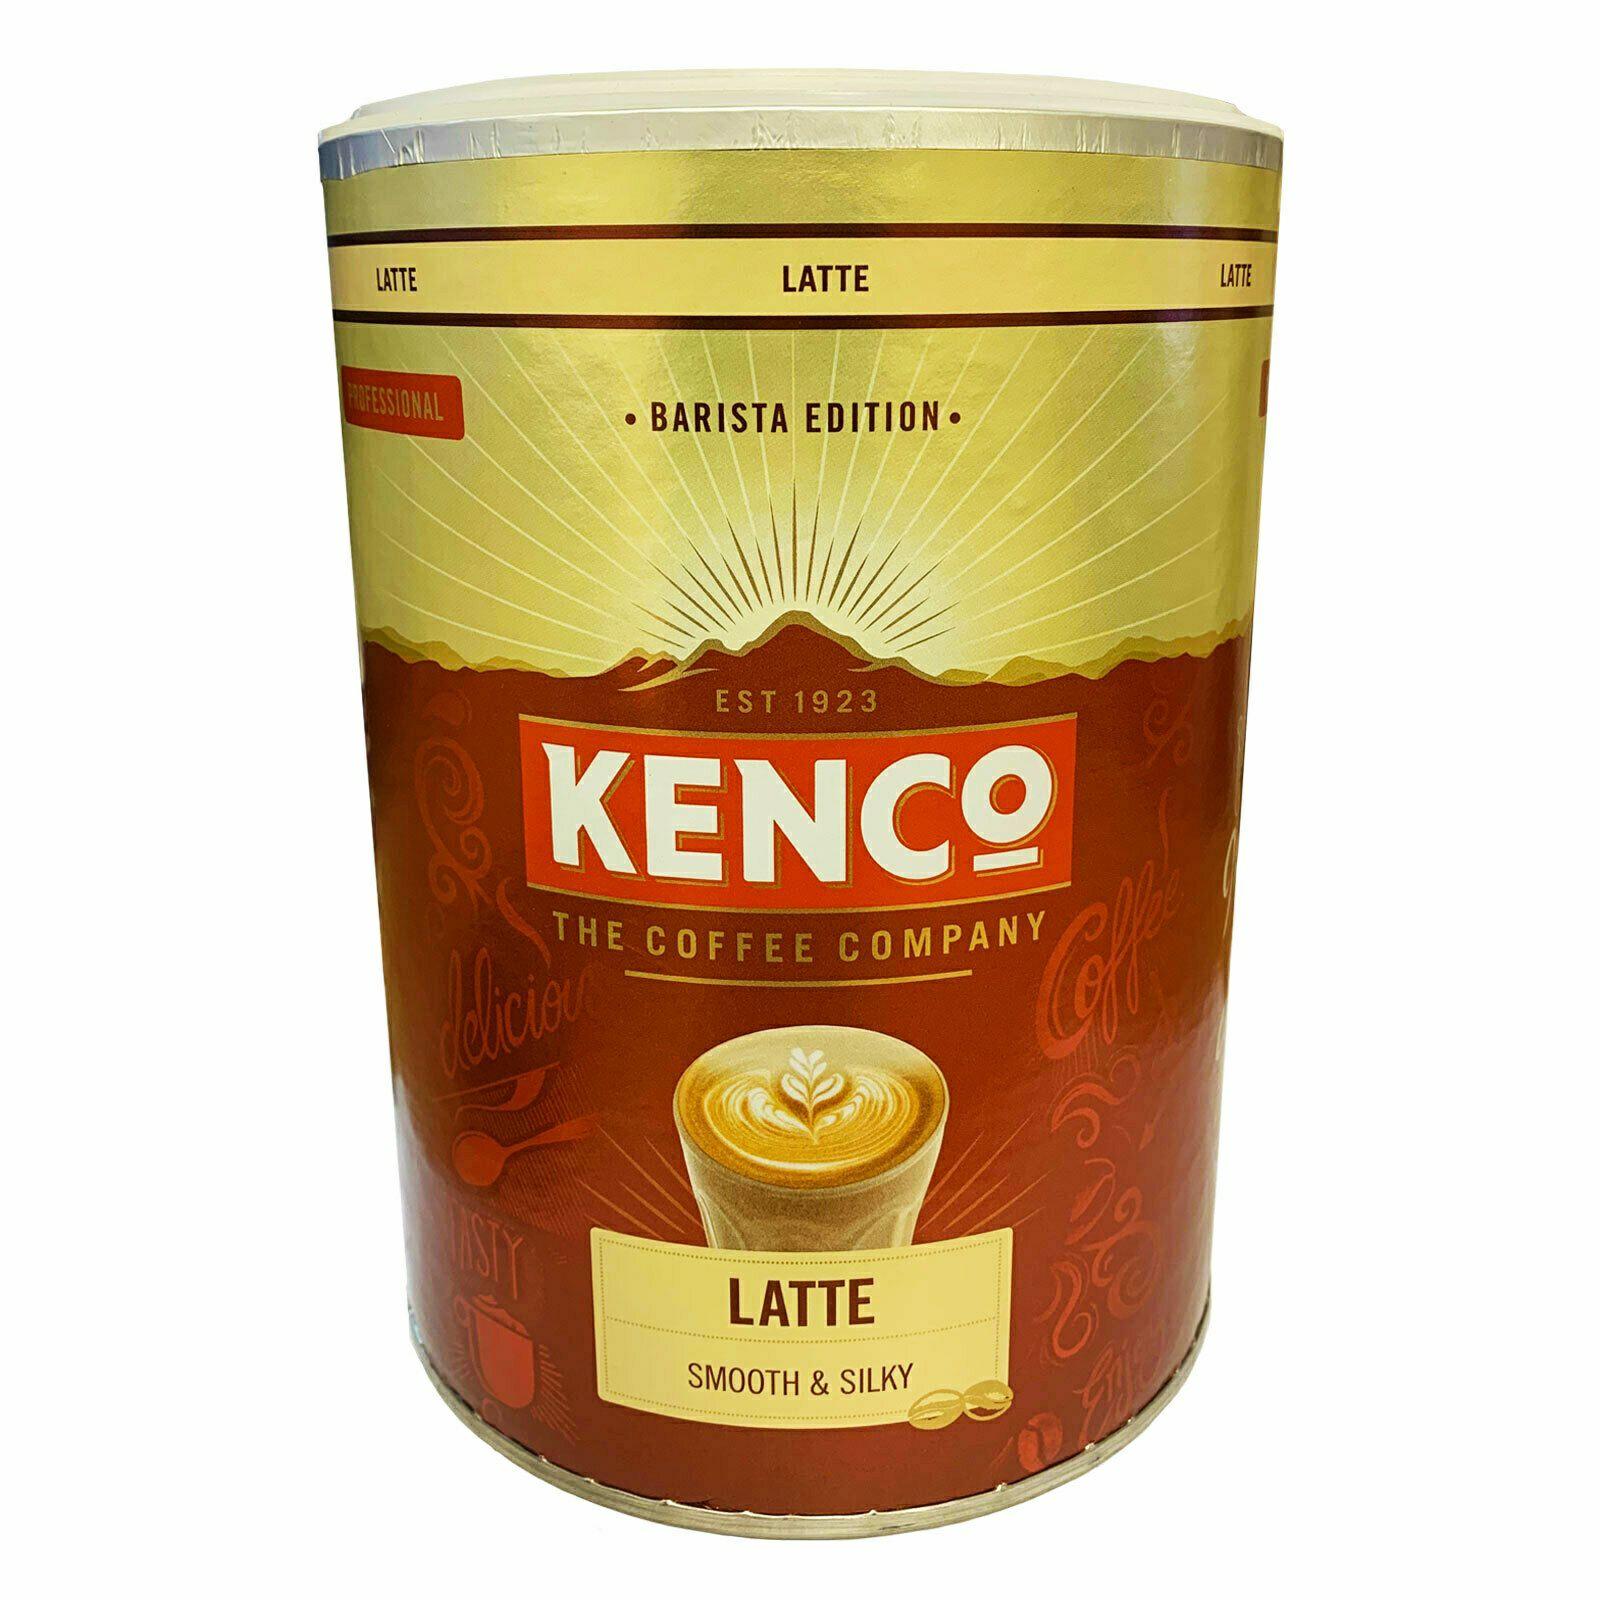 Kenco Barista Style Latte 750g Tin £5.99 @ Costco